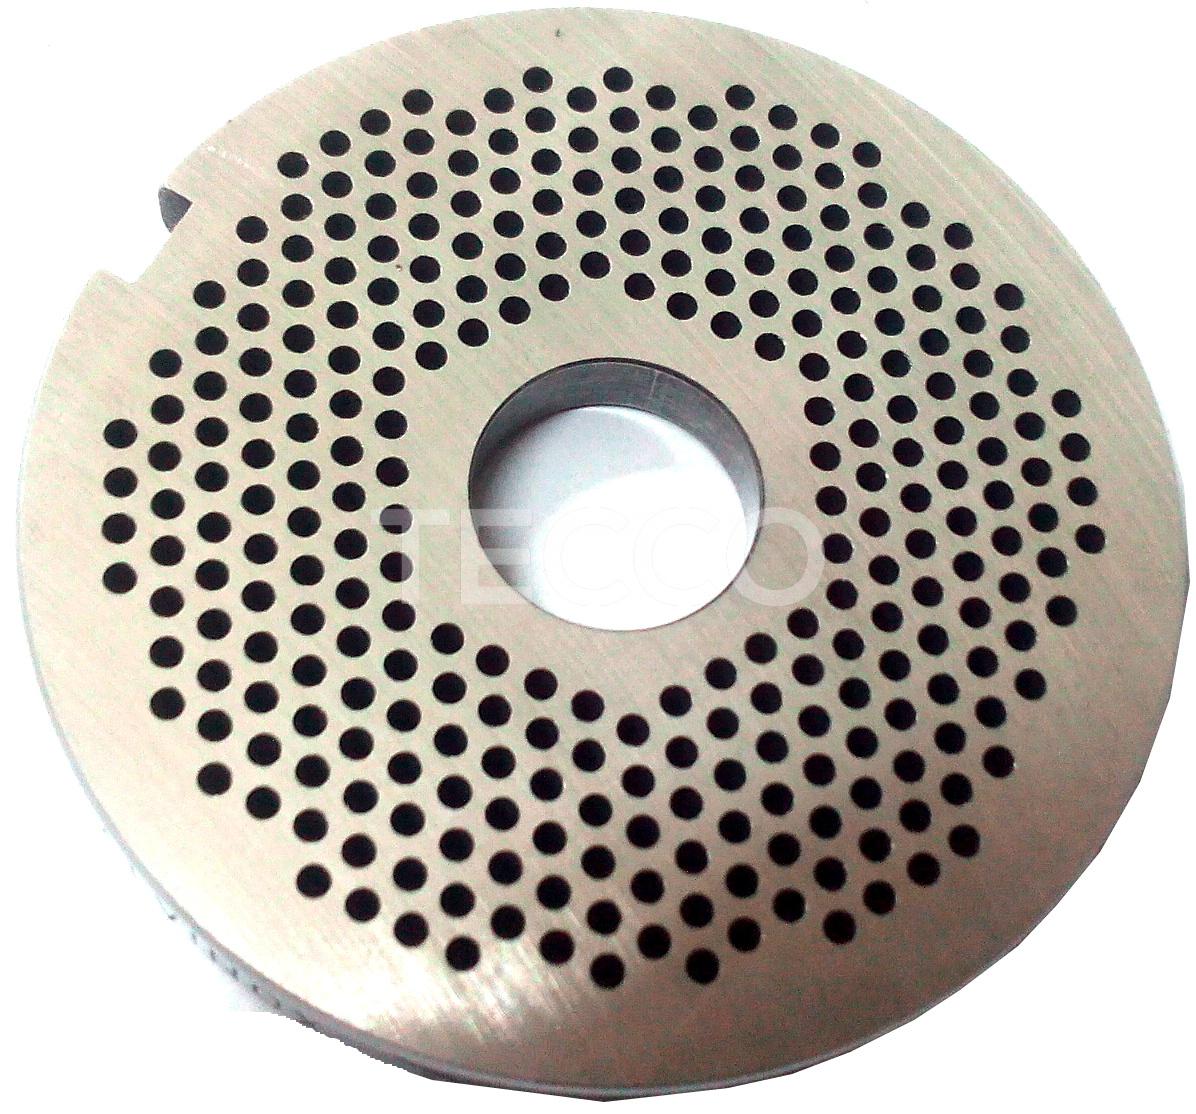 Решетка 2 мм для мясорубки модели 12 (R/70) системы Unger